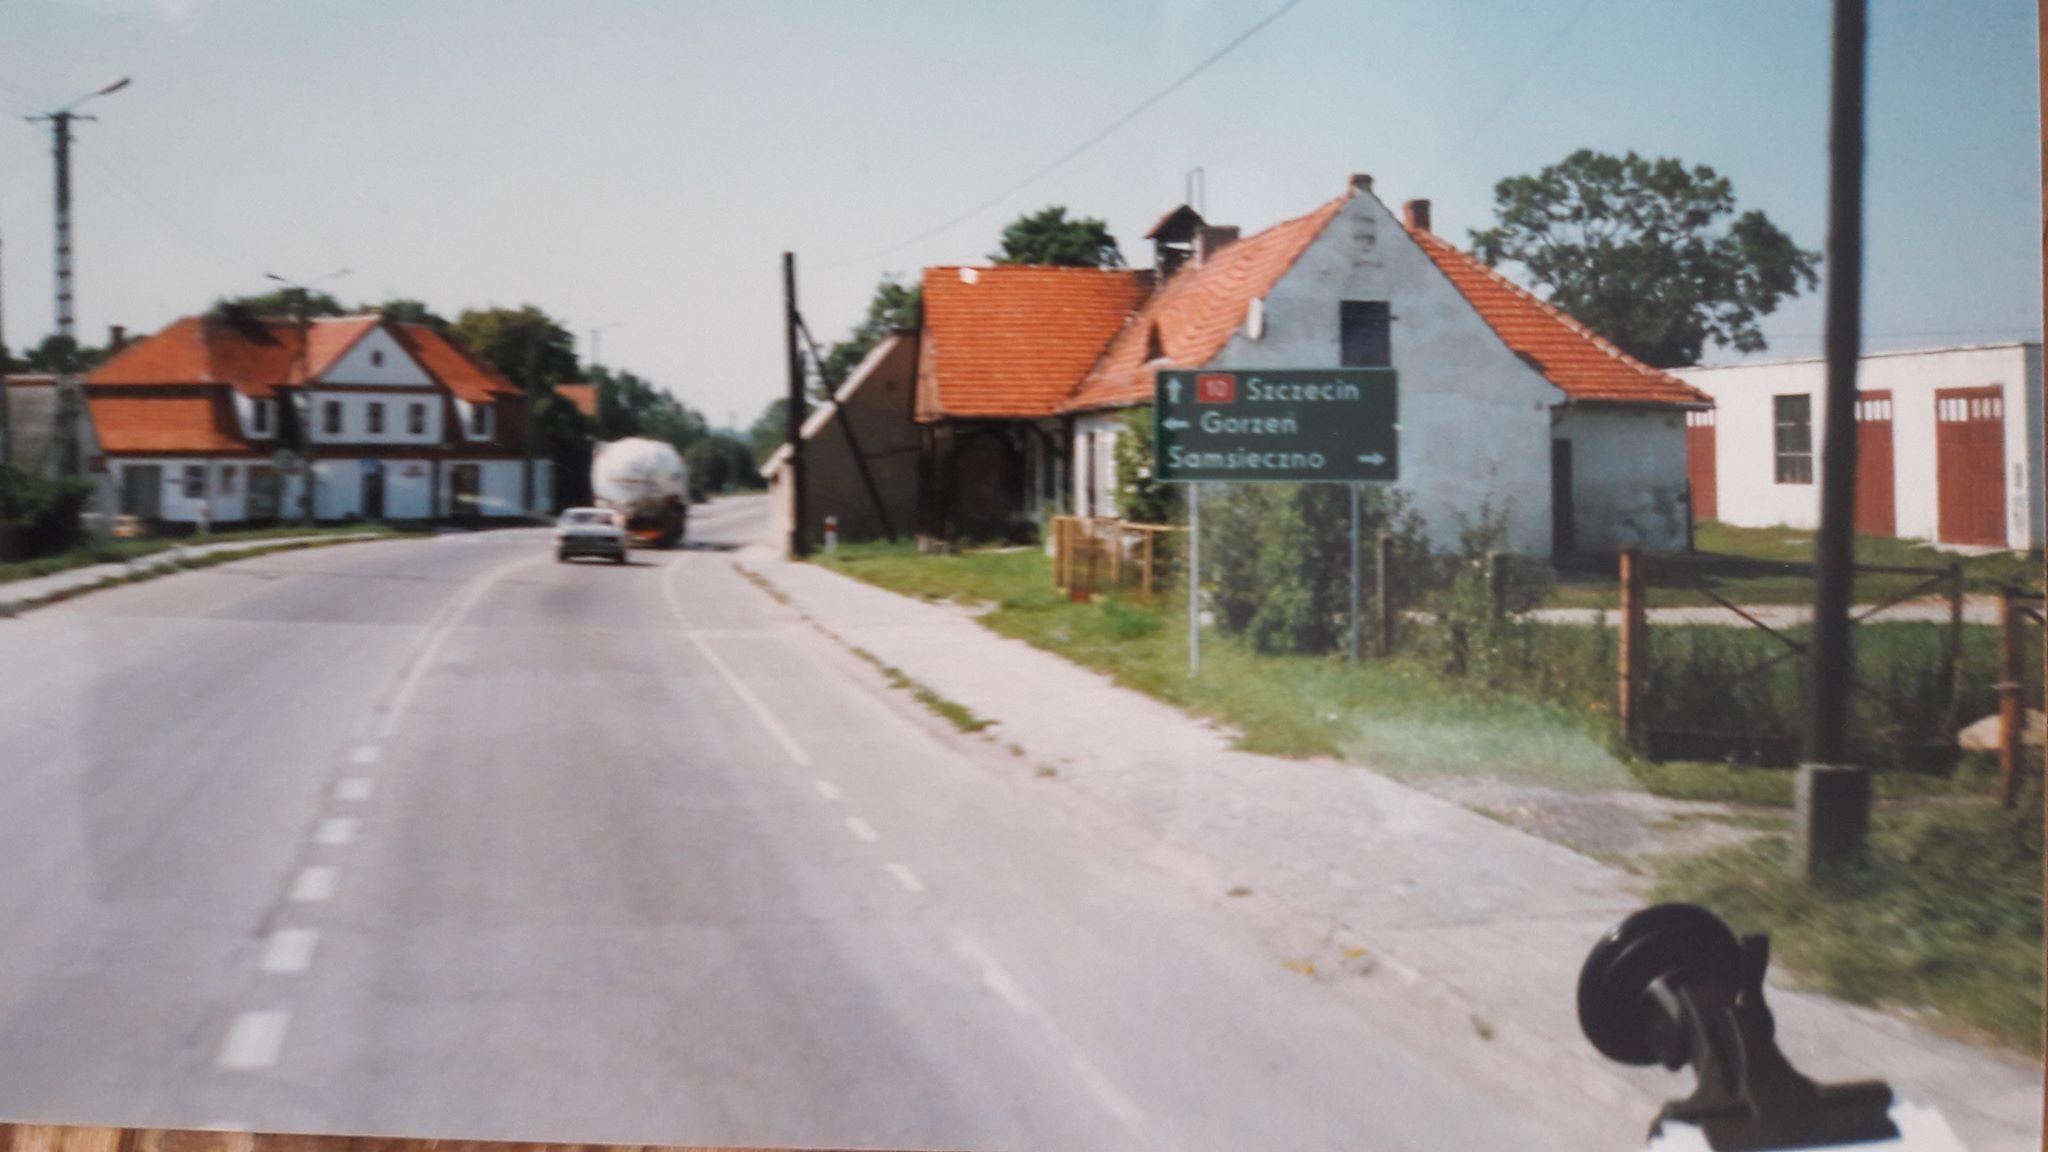 Mart-Meijers-foto-8